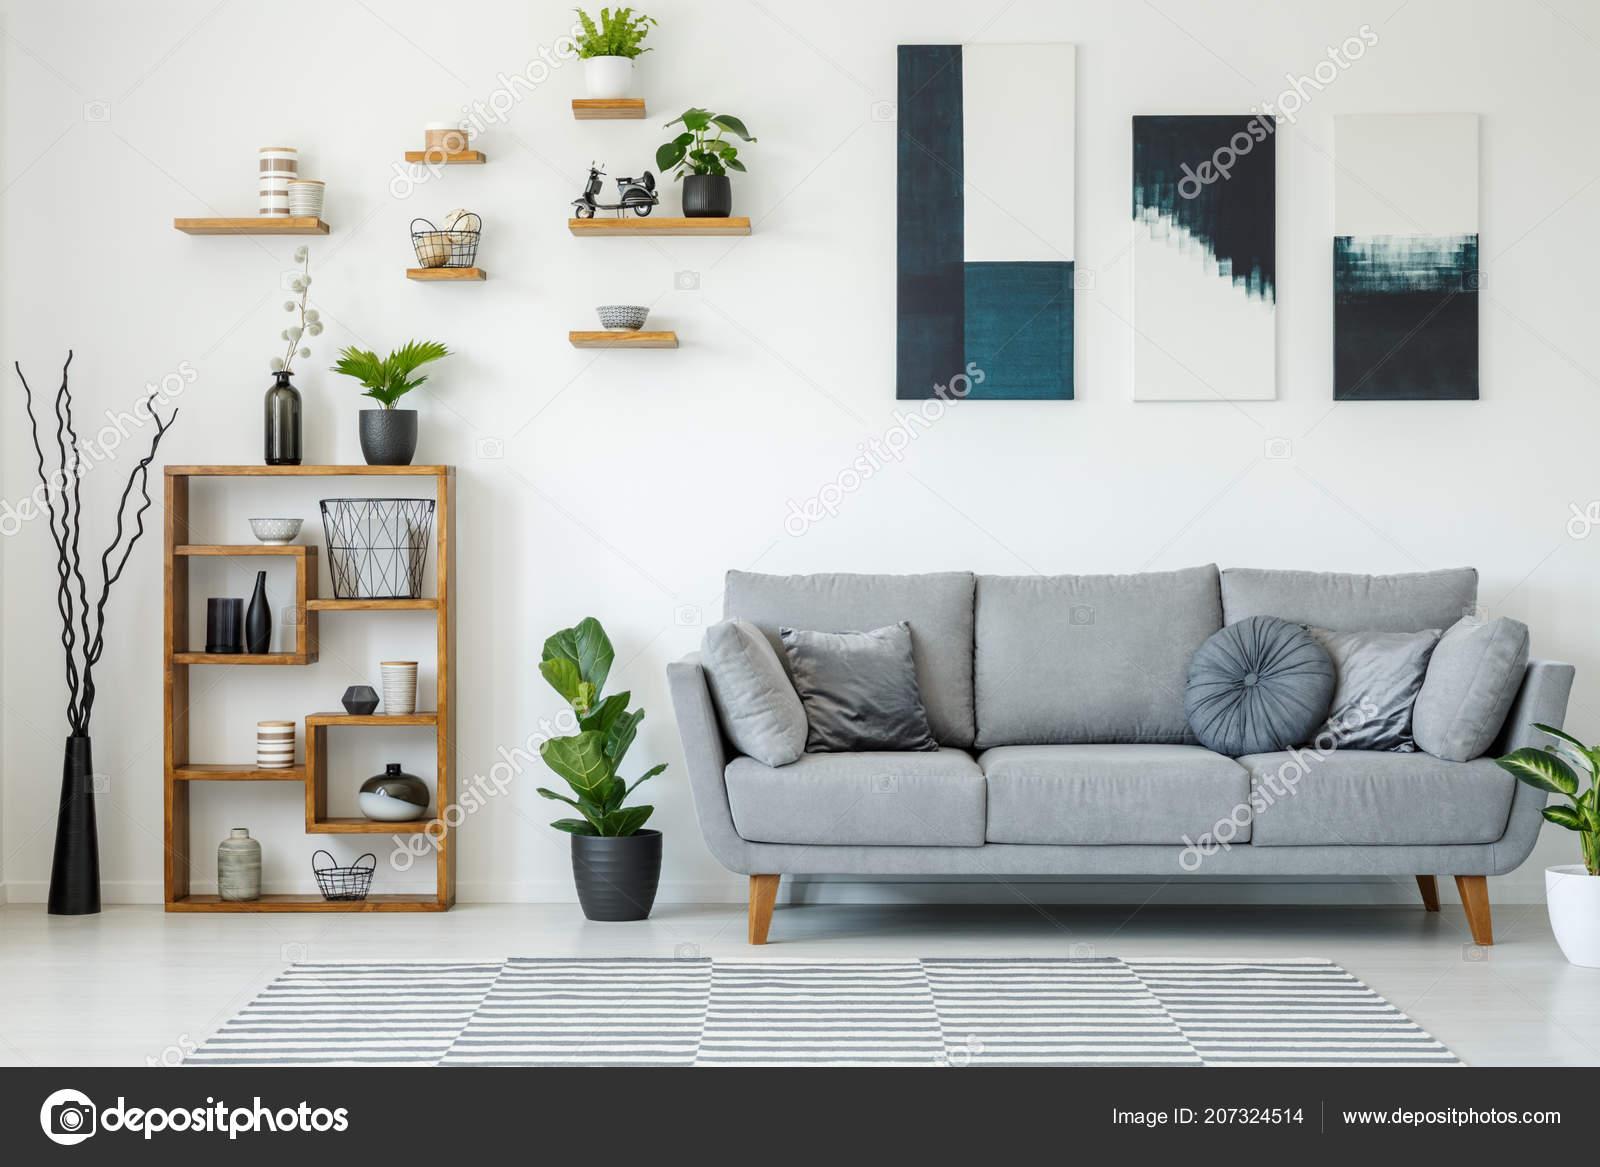 Interieur Elegant Salon Avec Canape Gris Des Etageres Bois